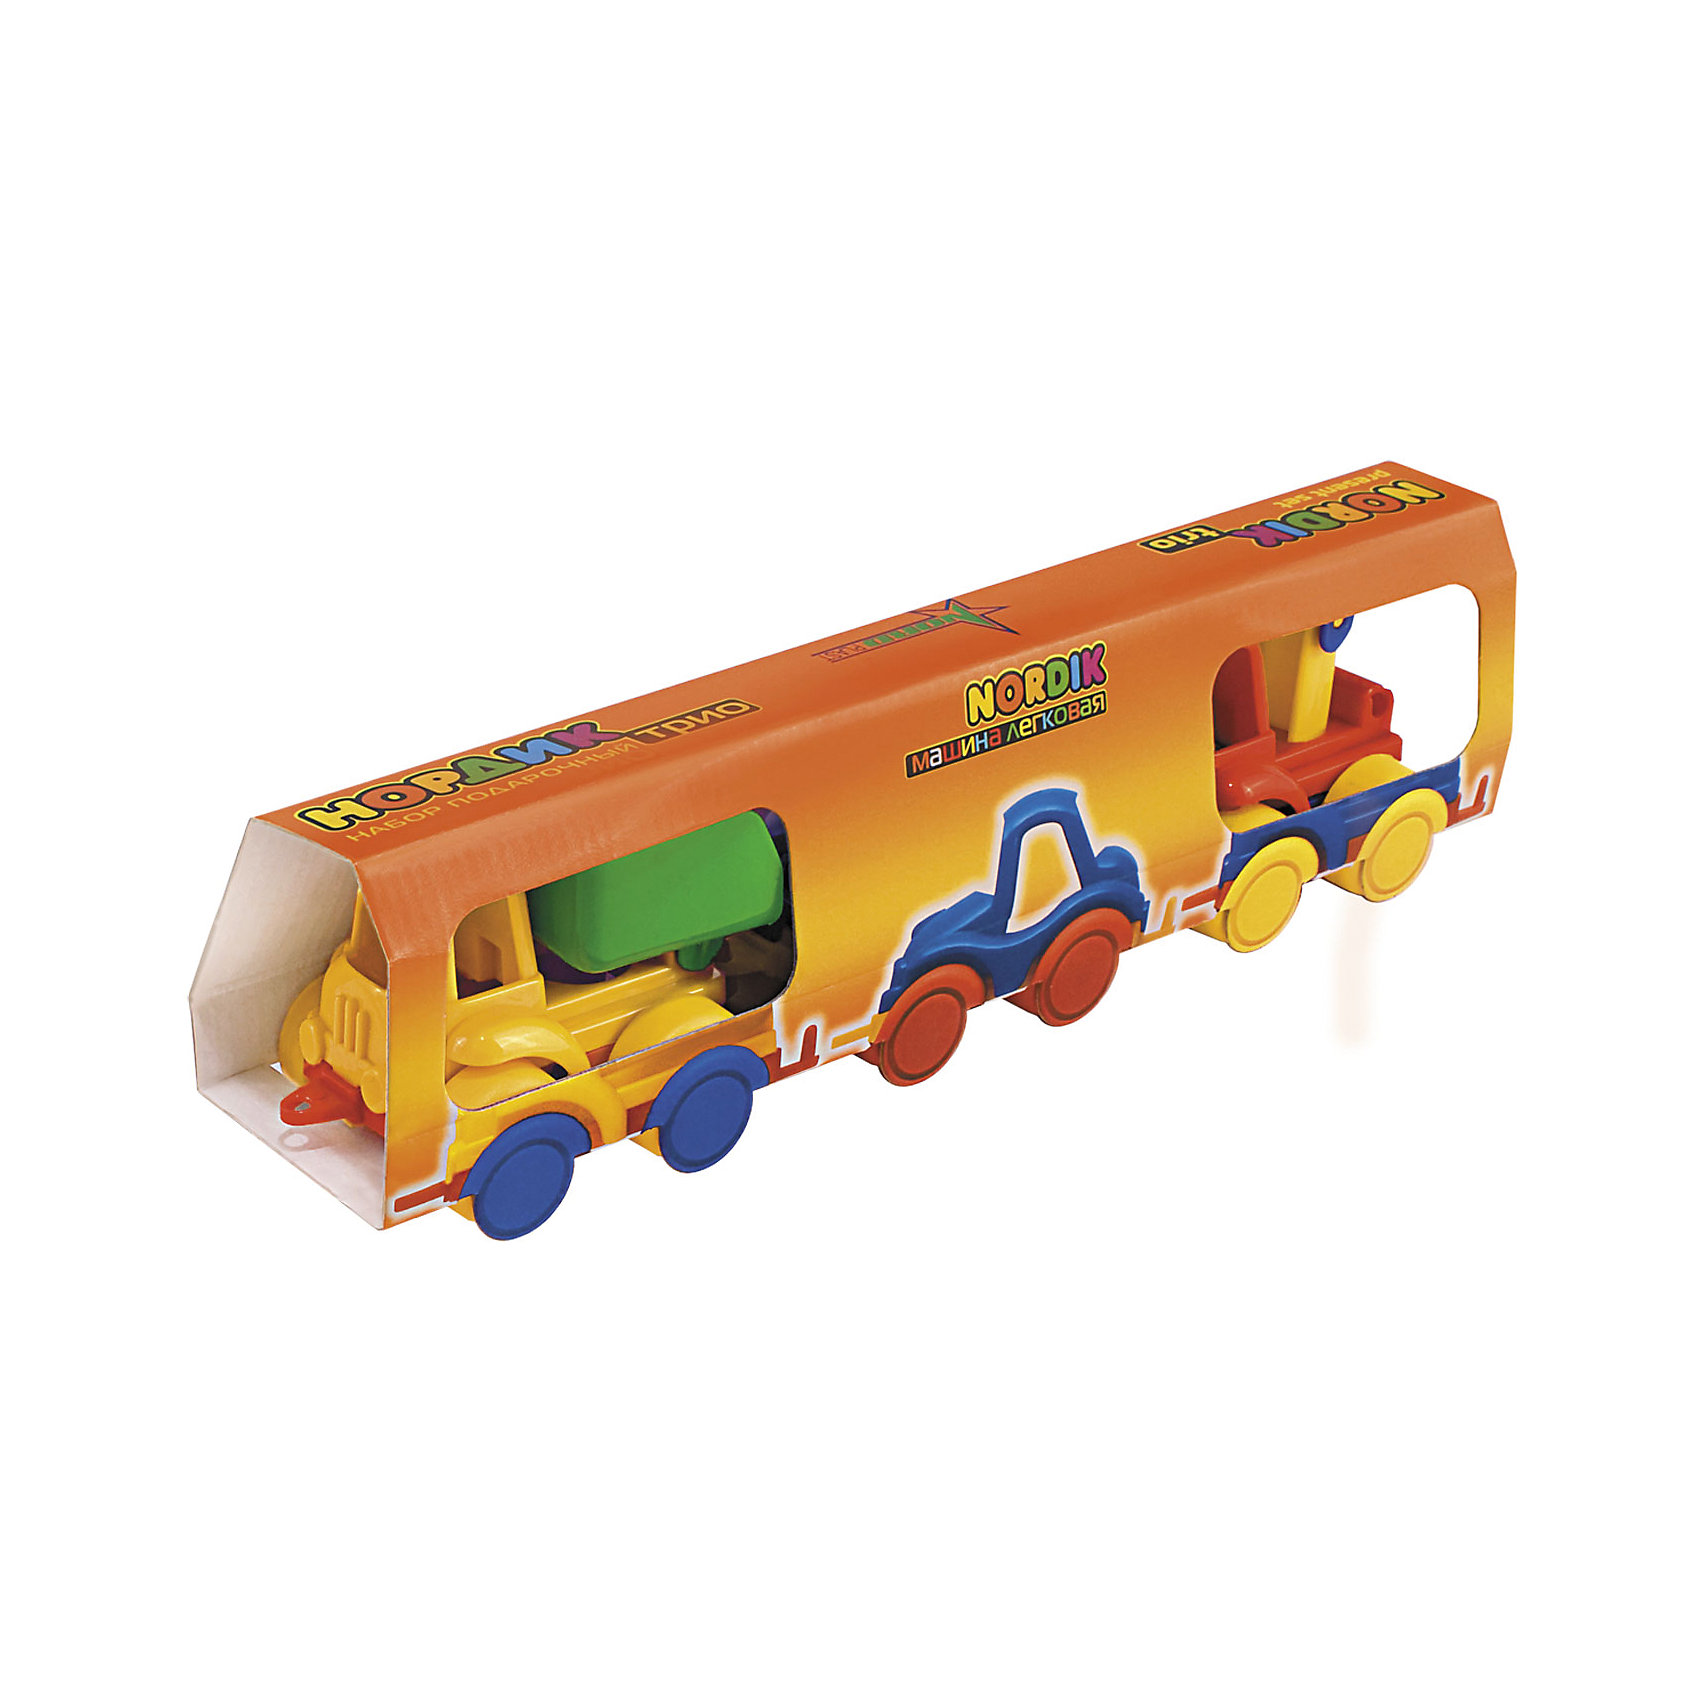 Набор Трио (Самосвал, легковая, кран), НордпластМашинки<br>Набор Трио (Самосвал, легковая, кран), Нордпласт – это яркие пластмассовые машины, которыми интересно будет играть вашему мальчику.<br>Набор игрушечных машинок Нордик Трио от компании Нордпласт включает в себя легковой автомобиль, кран и самосвал. Все игрушки яркой расцветки, что обязательно будет привлекать внимание ребенка. Крепления машинок «Нордик» легко совмещаются друг с другом и их можно свободно соединять с другими наборами из этой серии. У машинок надежная колесная база. С этим набором можно играть дома, на улице, и Вашему малышу некогда будет скучать. Игрушки изготовлены из высококачественной пищевой пластмассы, без трещин и заусениц, поэтому во время эксплуатации выдержат многие детские шалости. Они покрыты нетоксичной краской, не облупливающейся и не выгорающей на солнце. Товар соответствует требованиям стандарта для детских игрушек и имеет сертификат качества.<br><br>Дополнительная информация:<br><br>- В наборе: легковой автомобиль, кран, самосвал<br>- Материал: высококачественная пластмасса<br>- Размер упаковки: 9х7х38 см.<br>- Вес: 210 гр.<br><br>Набор Трио (Самосвал, легковая, кран), Нордпласт можно купить в нашем интернет-магазине.<br><br>Ширина мм: 380<br>Глубина мм: 70<br>Высота мм: 90<br>Вес г: 210<br>Возраст от месяцев: 36<br>Возраст до месяцев: 72<br>Пол: Мужской<br>Возраст: Детский<br>SKU: 4112735